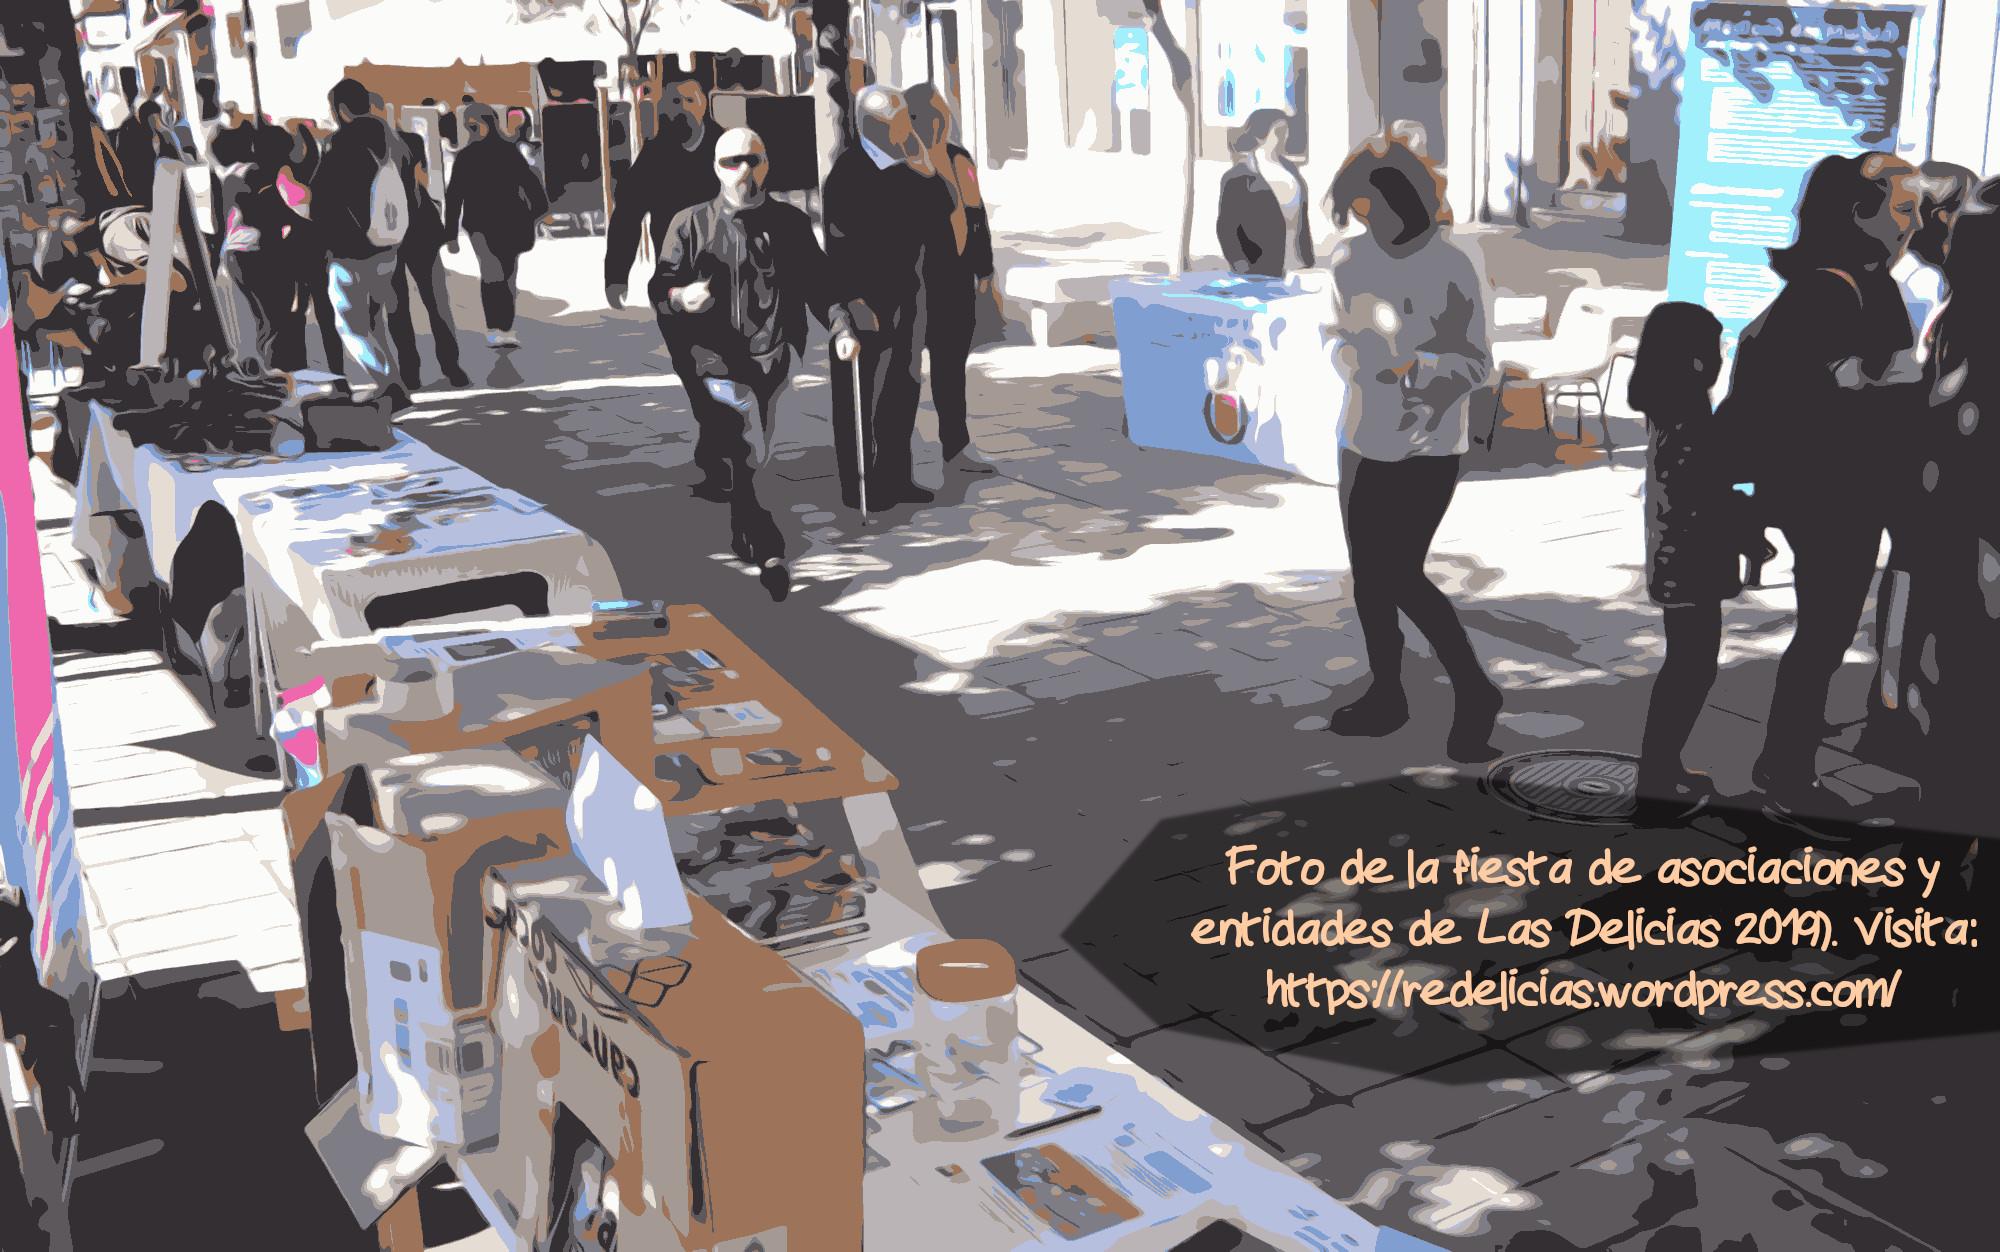 Fotomanipulación de la fiesta del asociacionismo en Delicias (Valladolid) de 2019